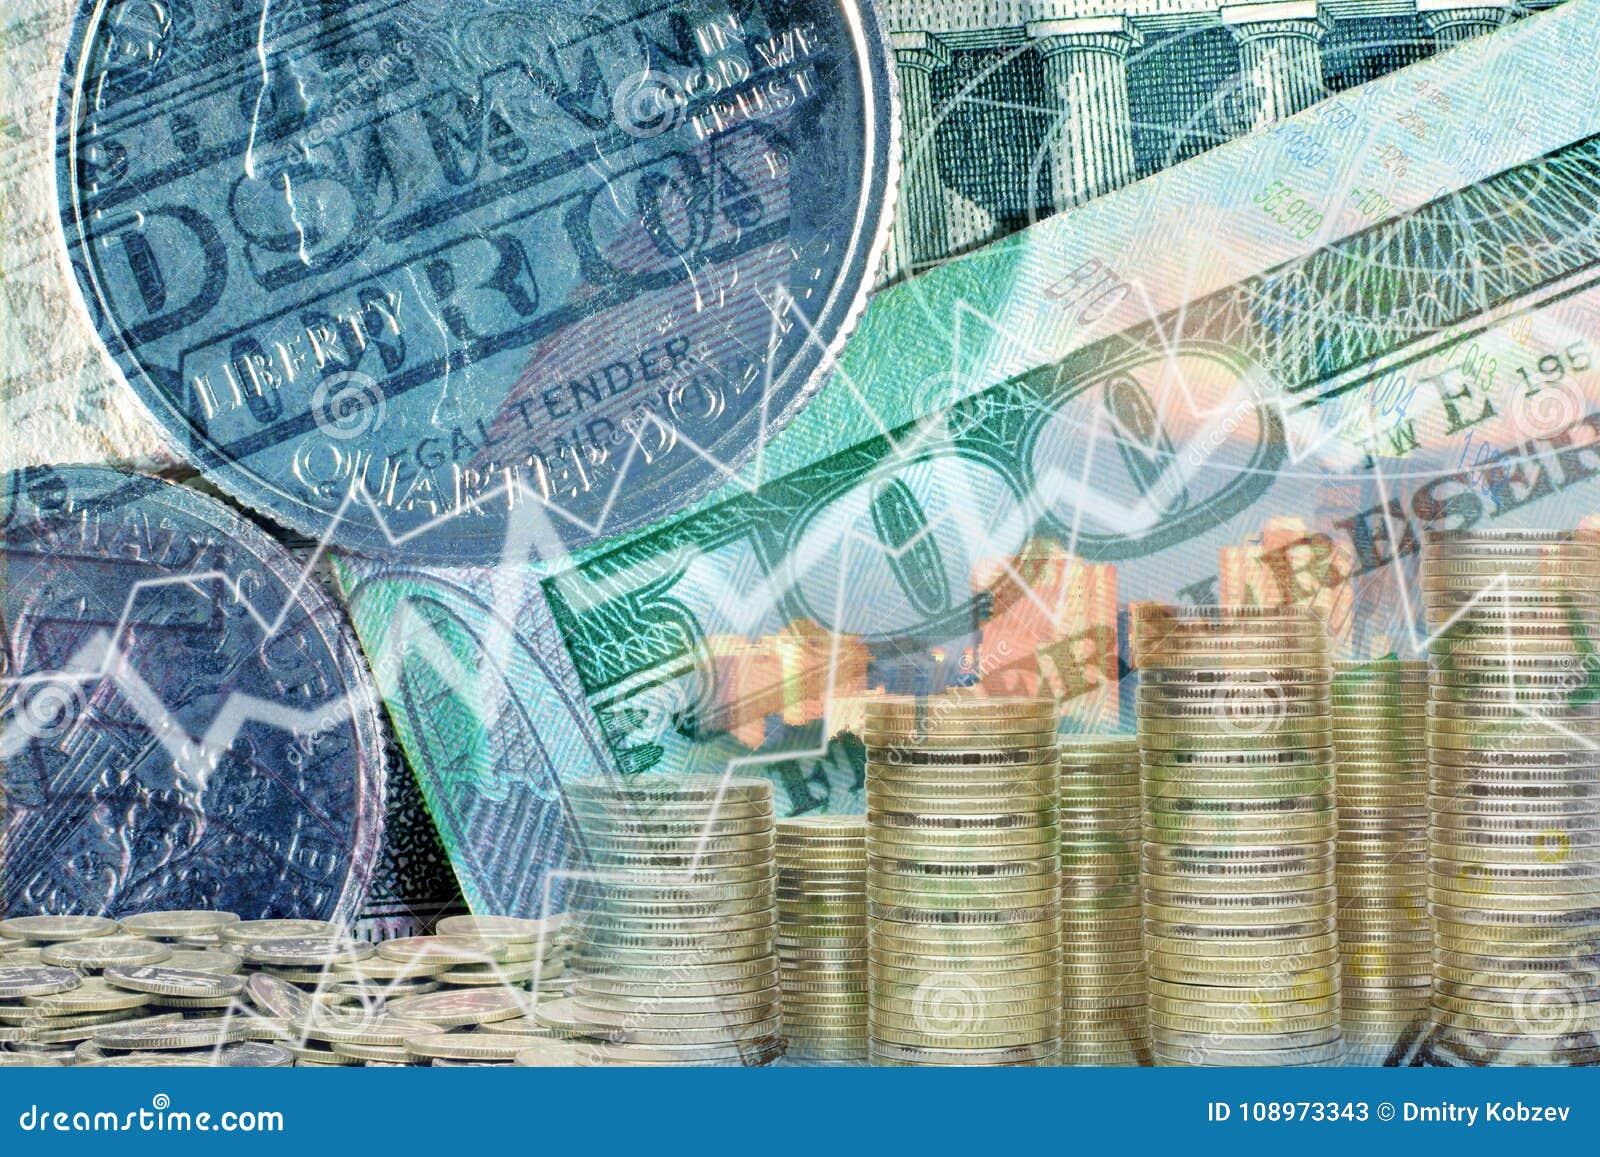 Dubbele onthulling van het prijsprogramma voor de munt stapel